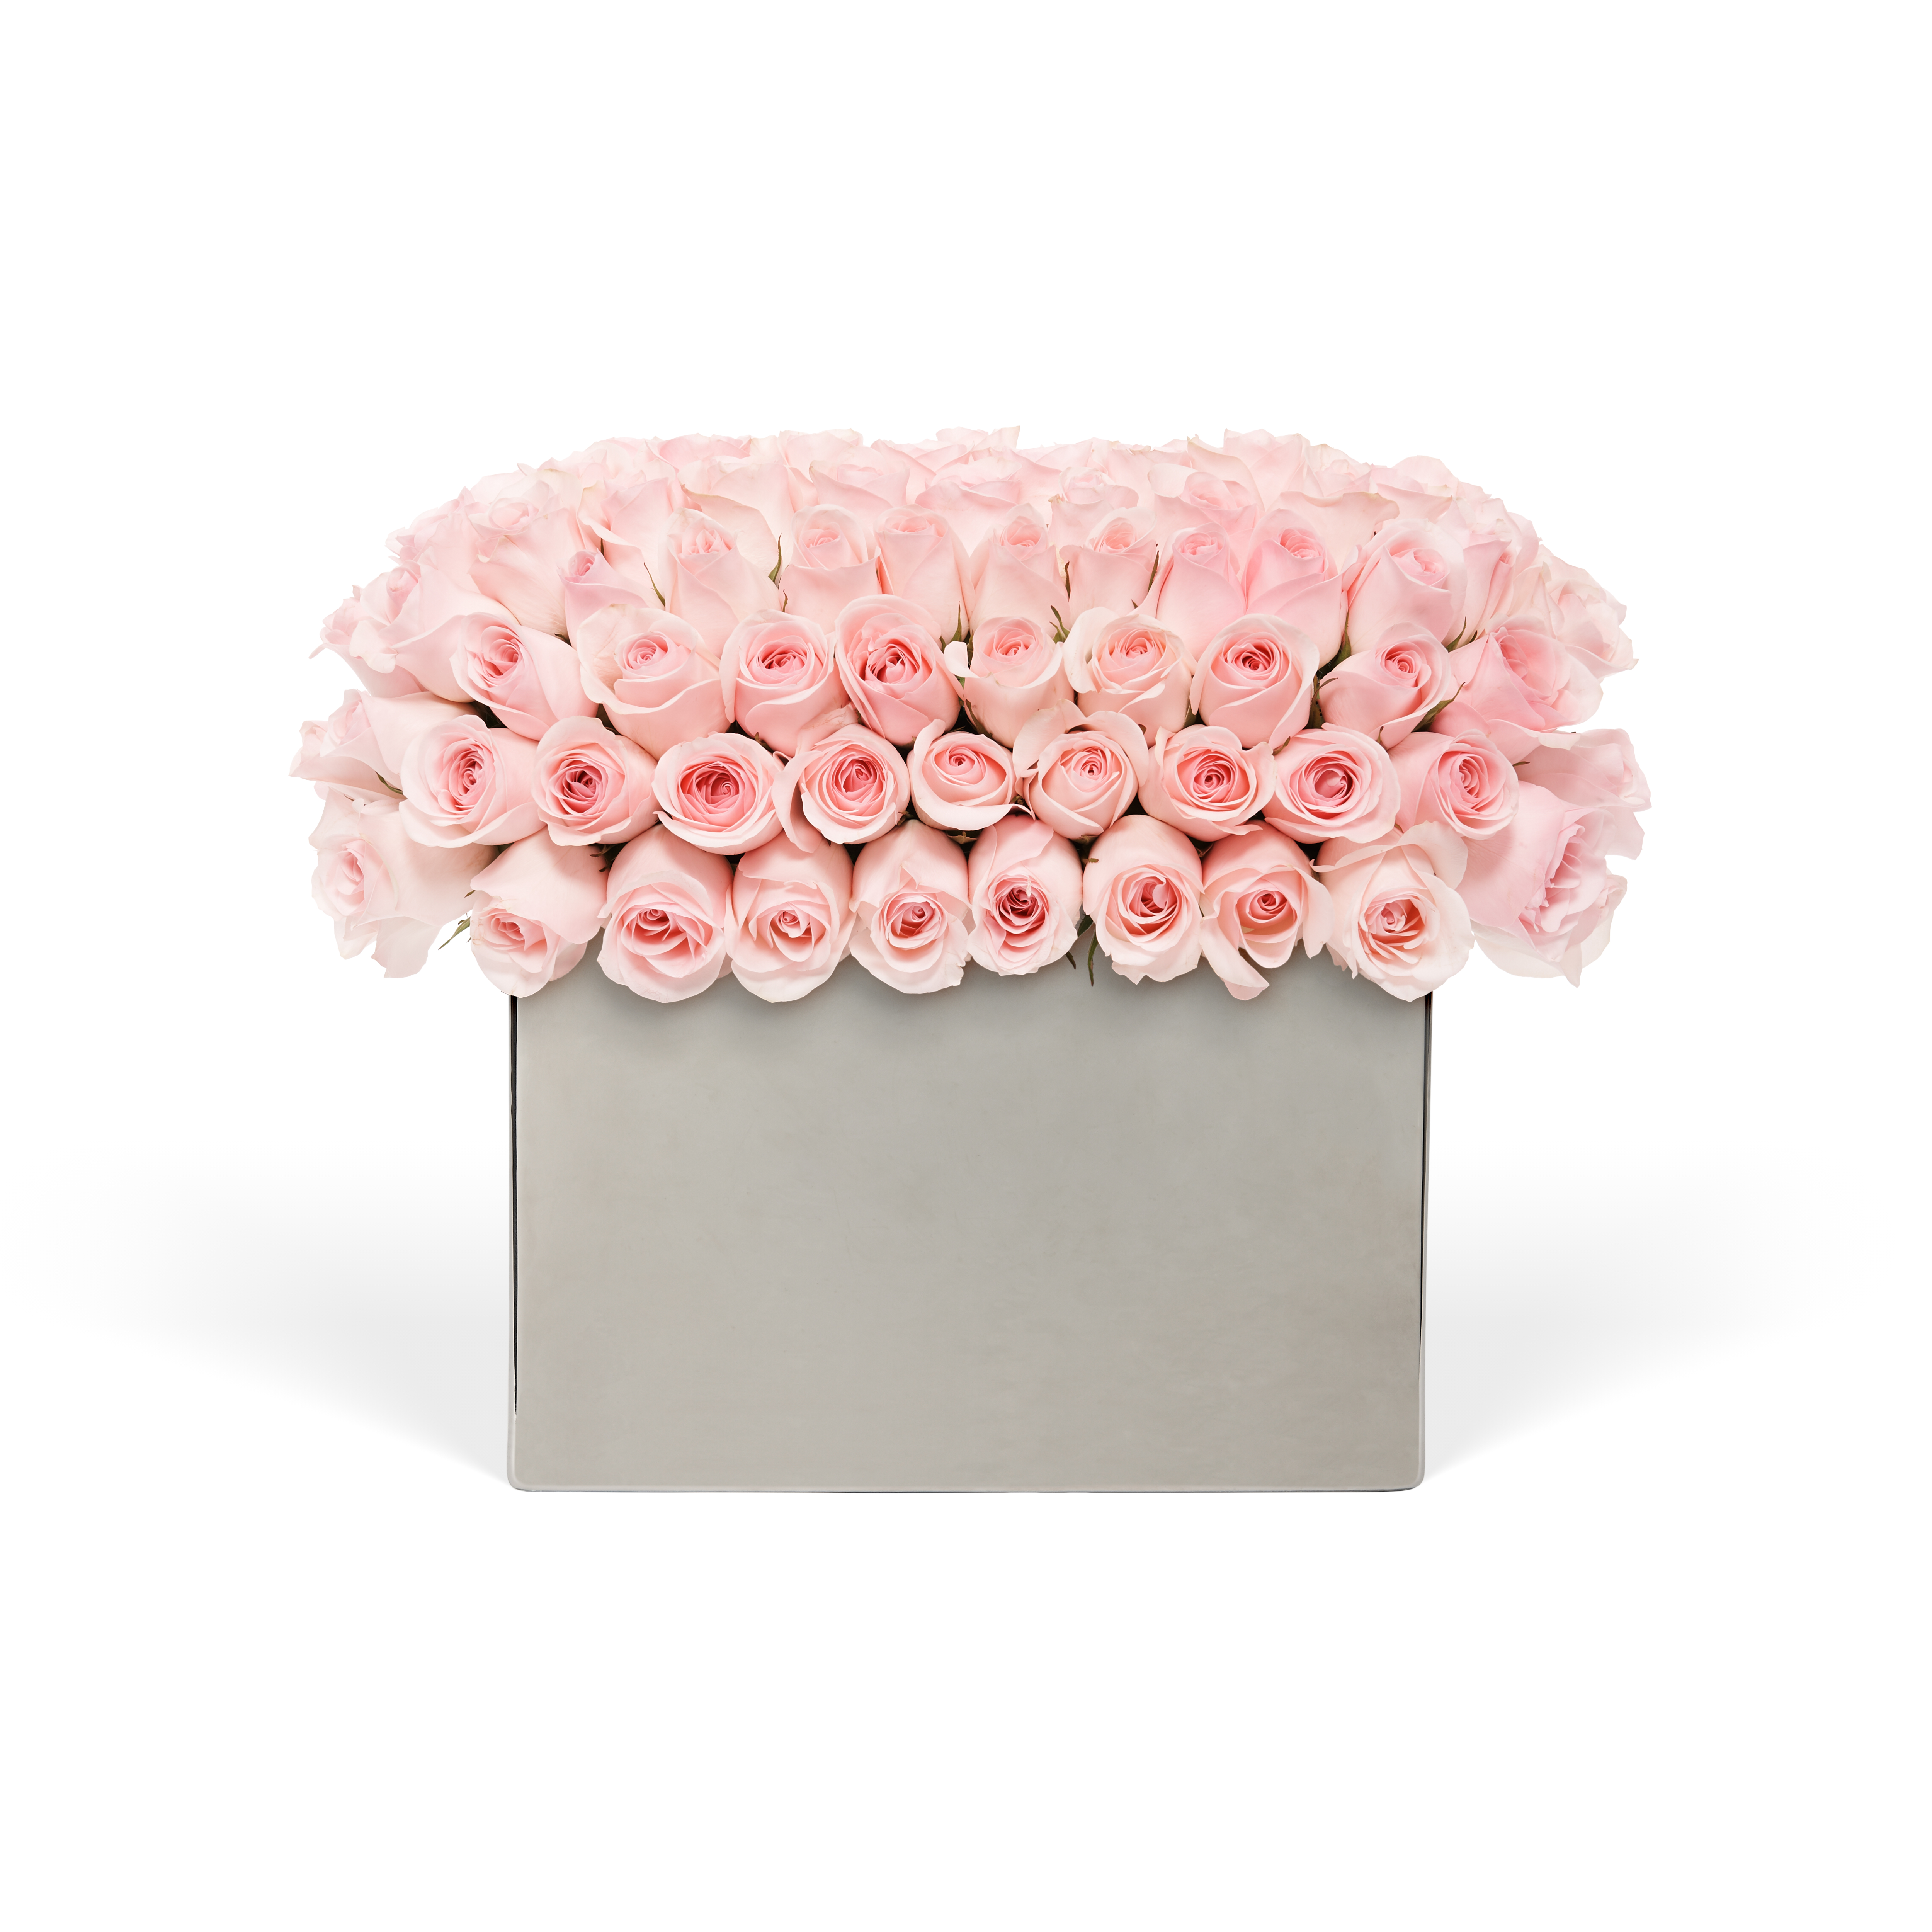 Modernist Roses Delivered In Dubai Onlyroses